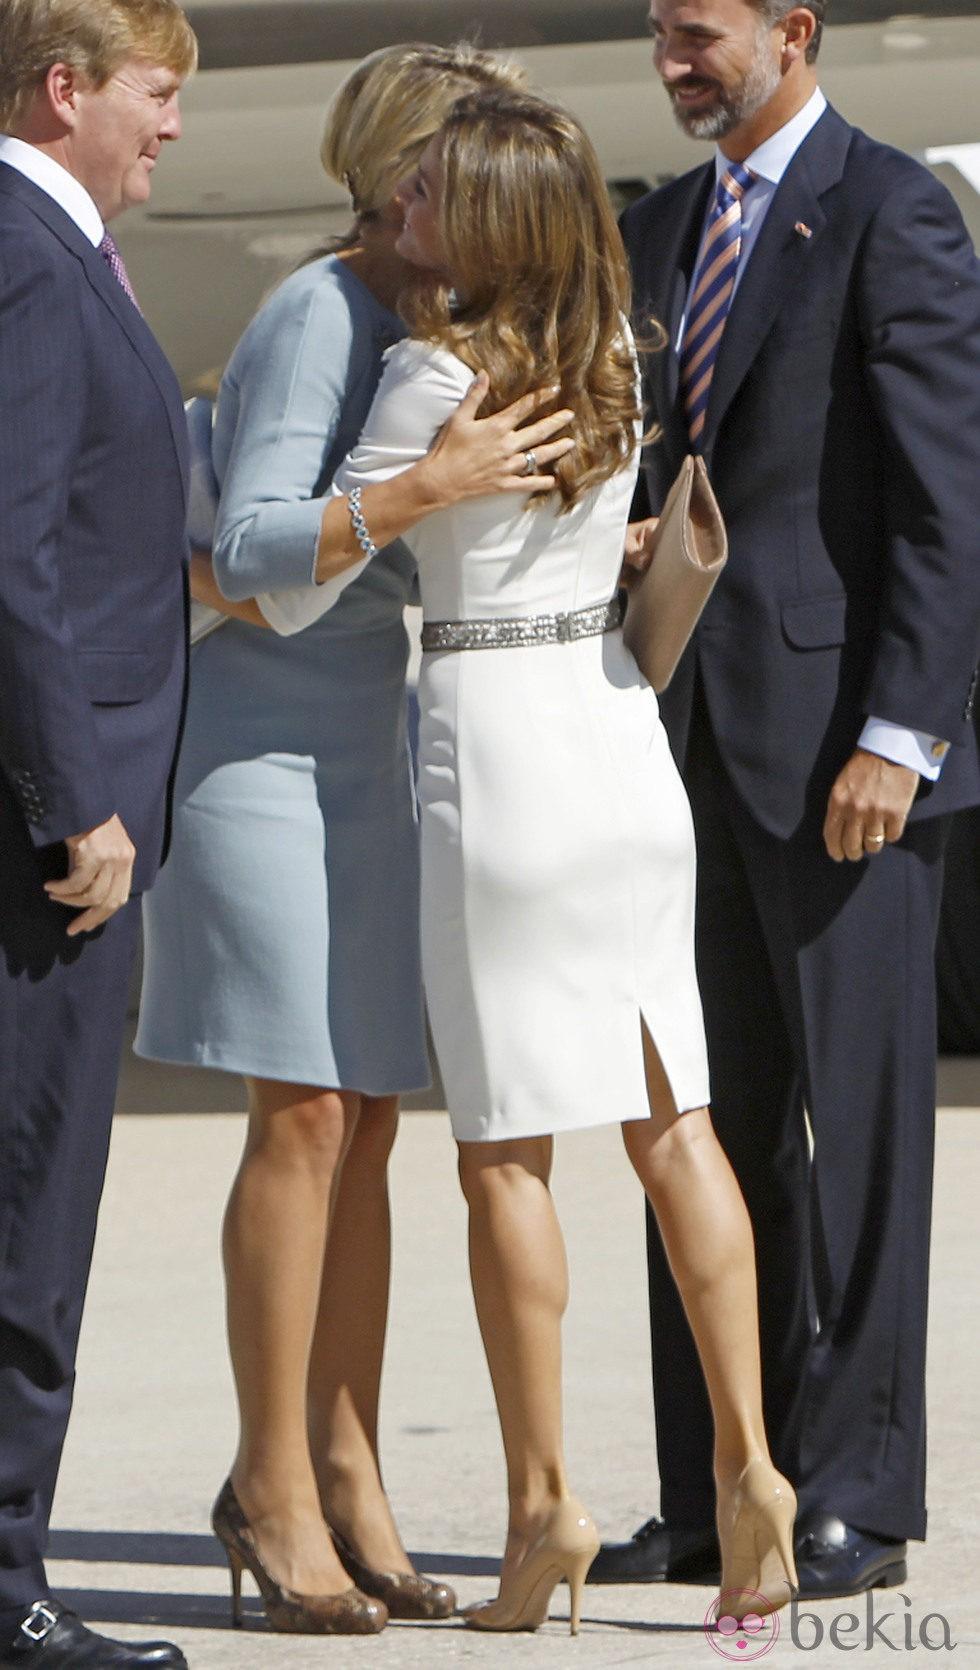 La Princesa Letizia y Mxima de Holanda se saludan con